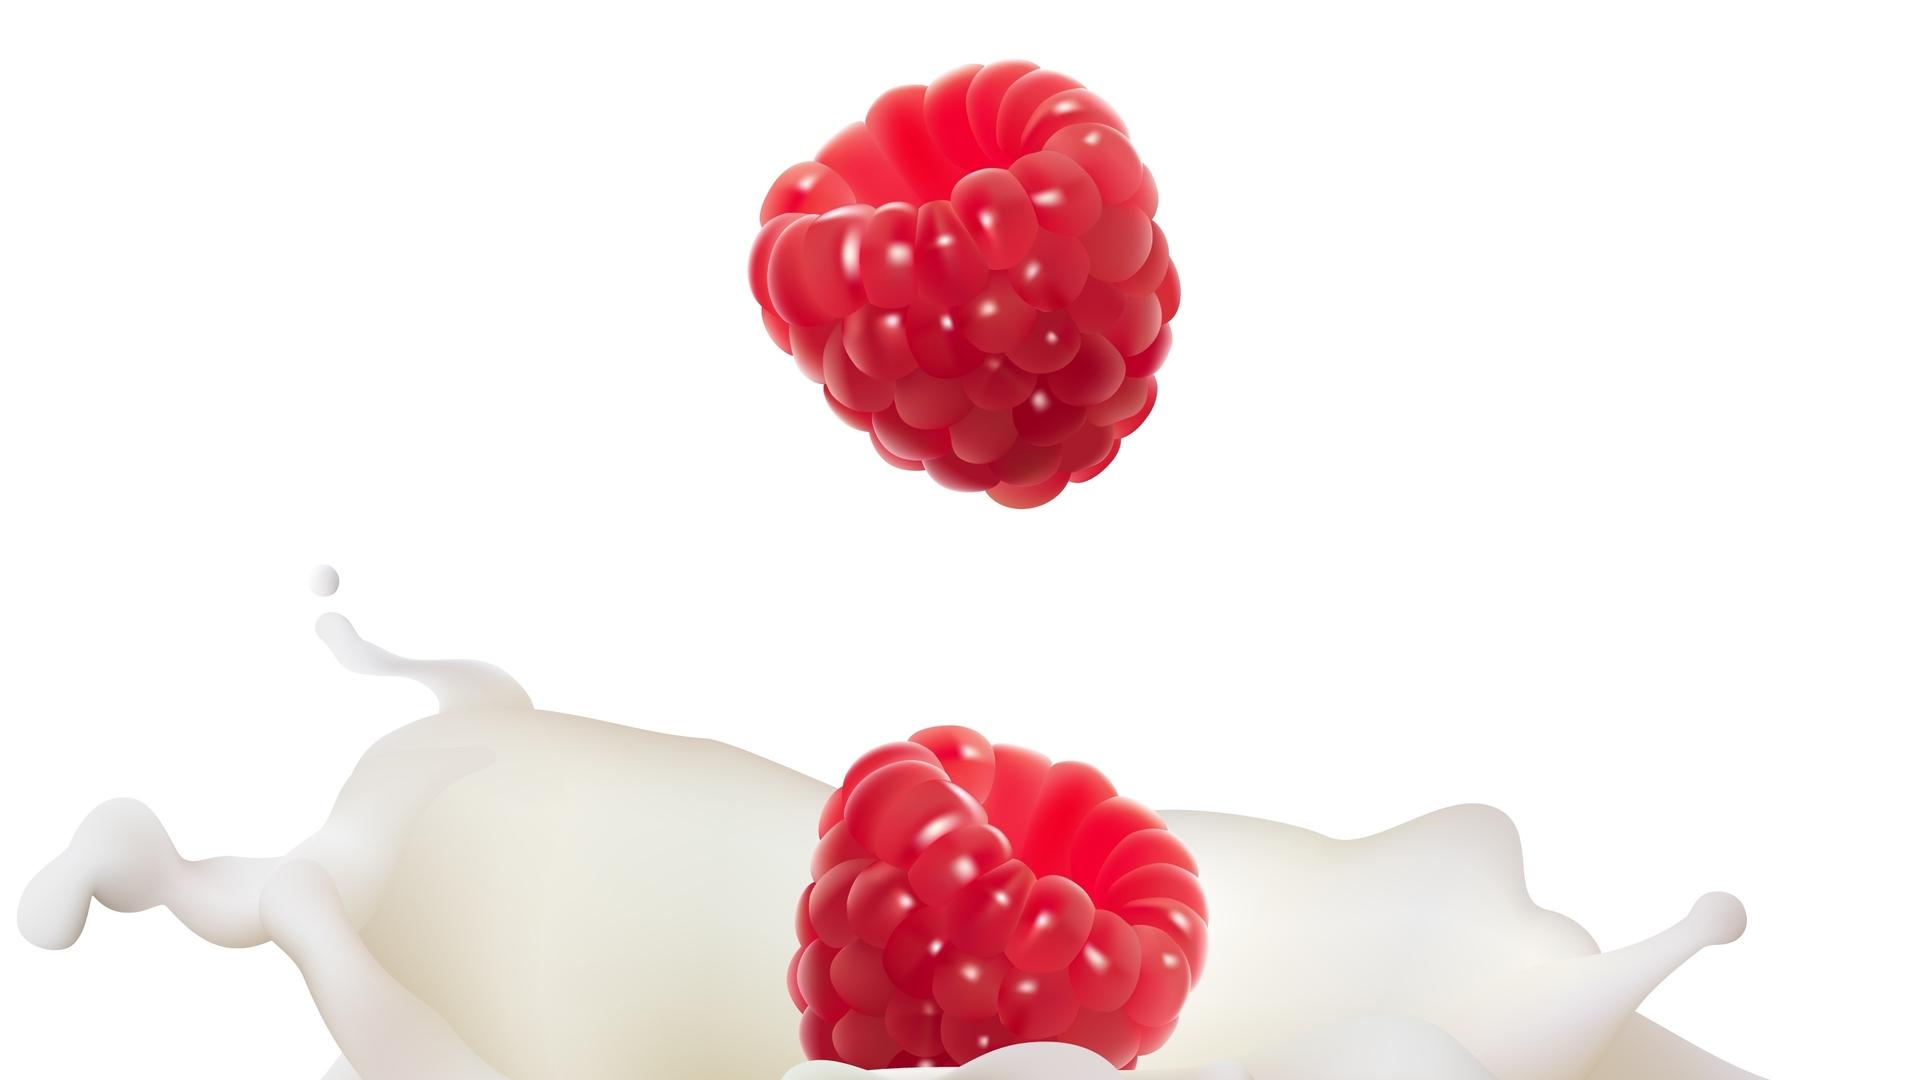 ягода, малина, красная